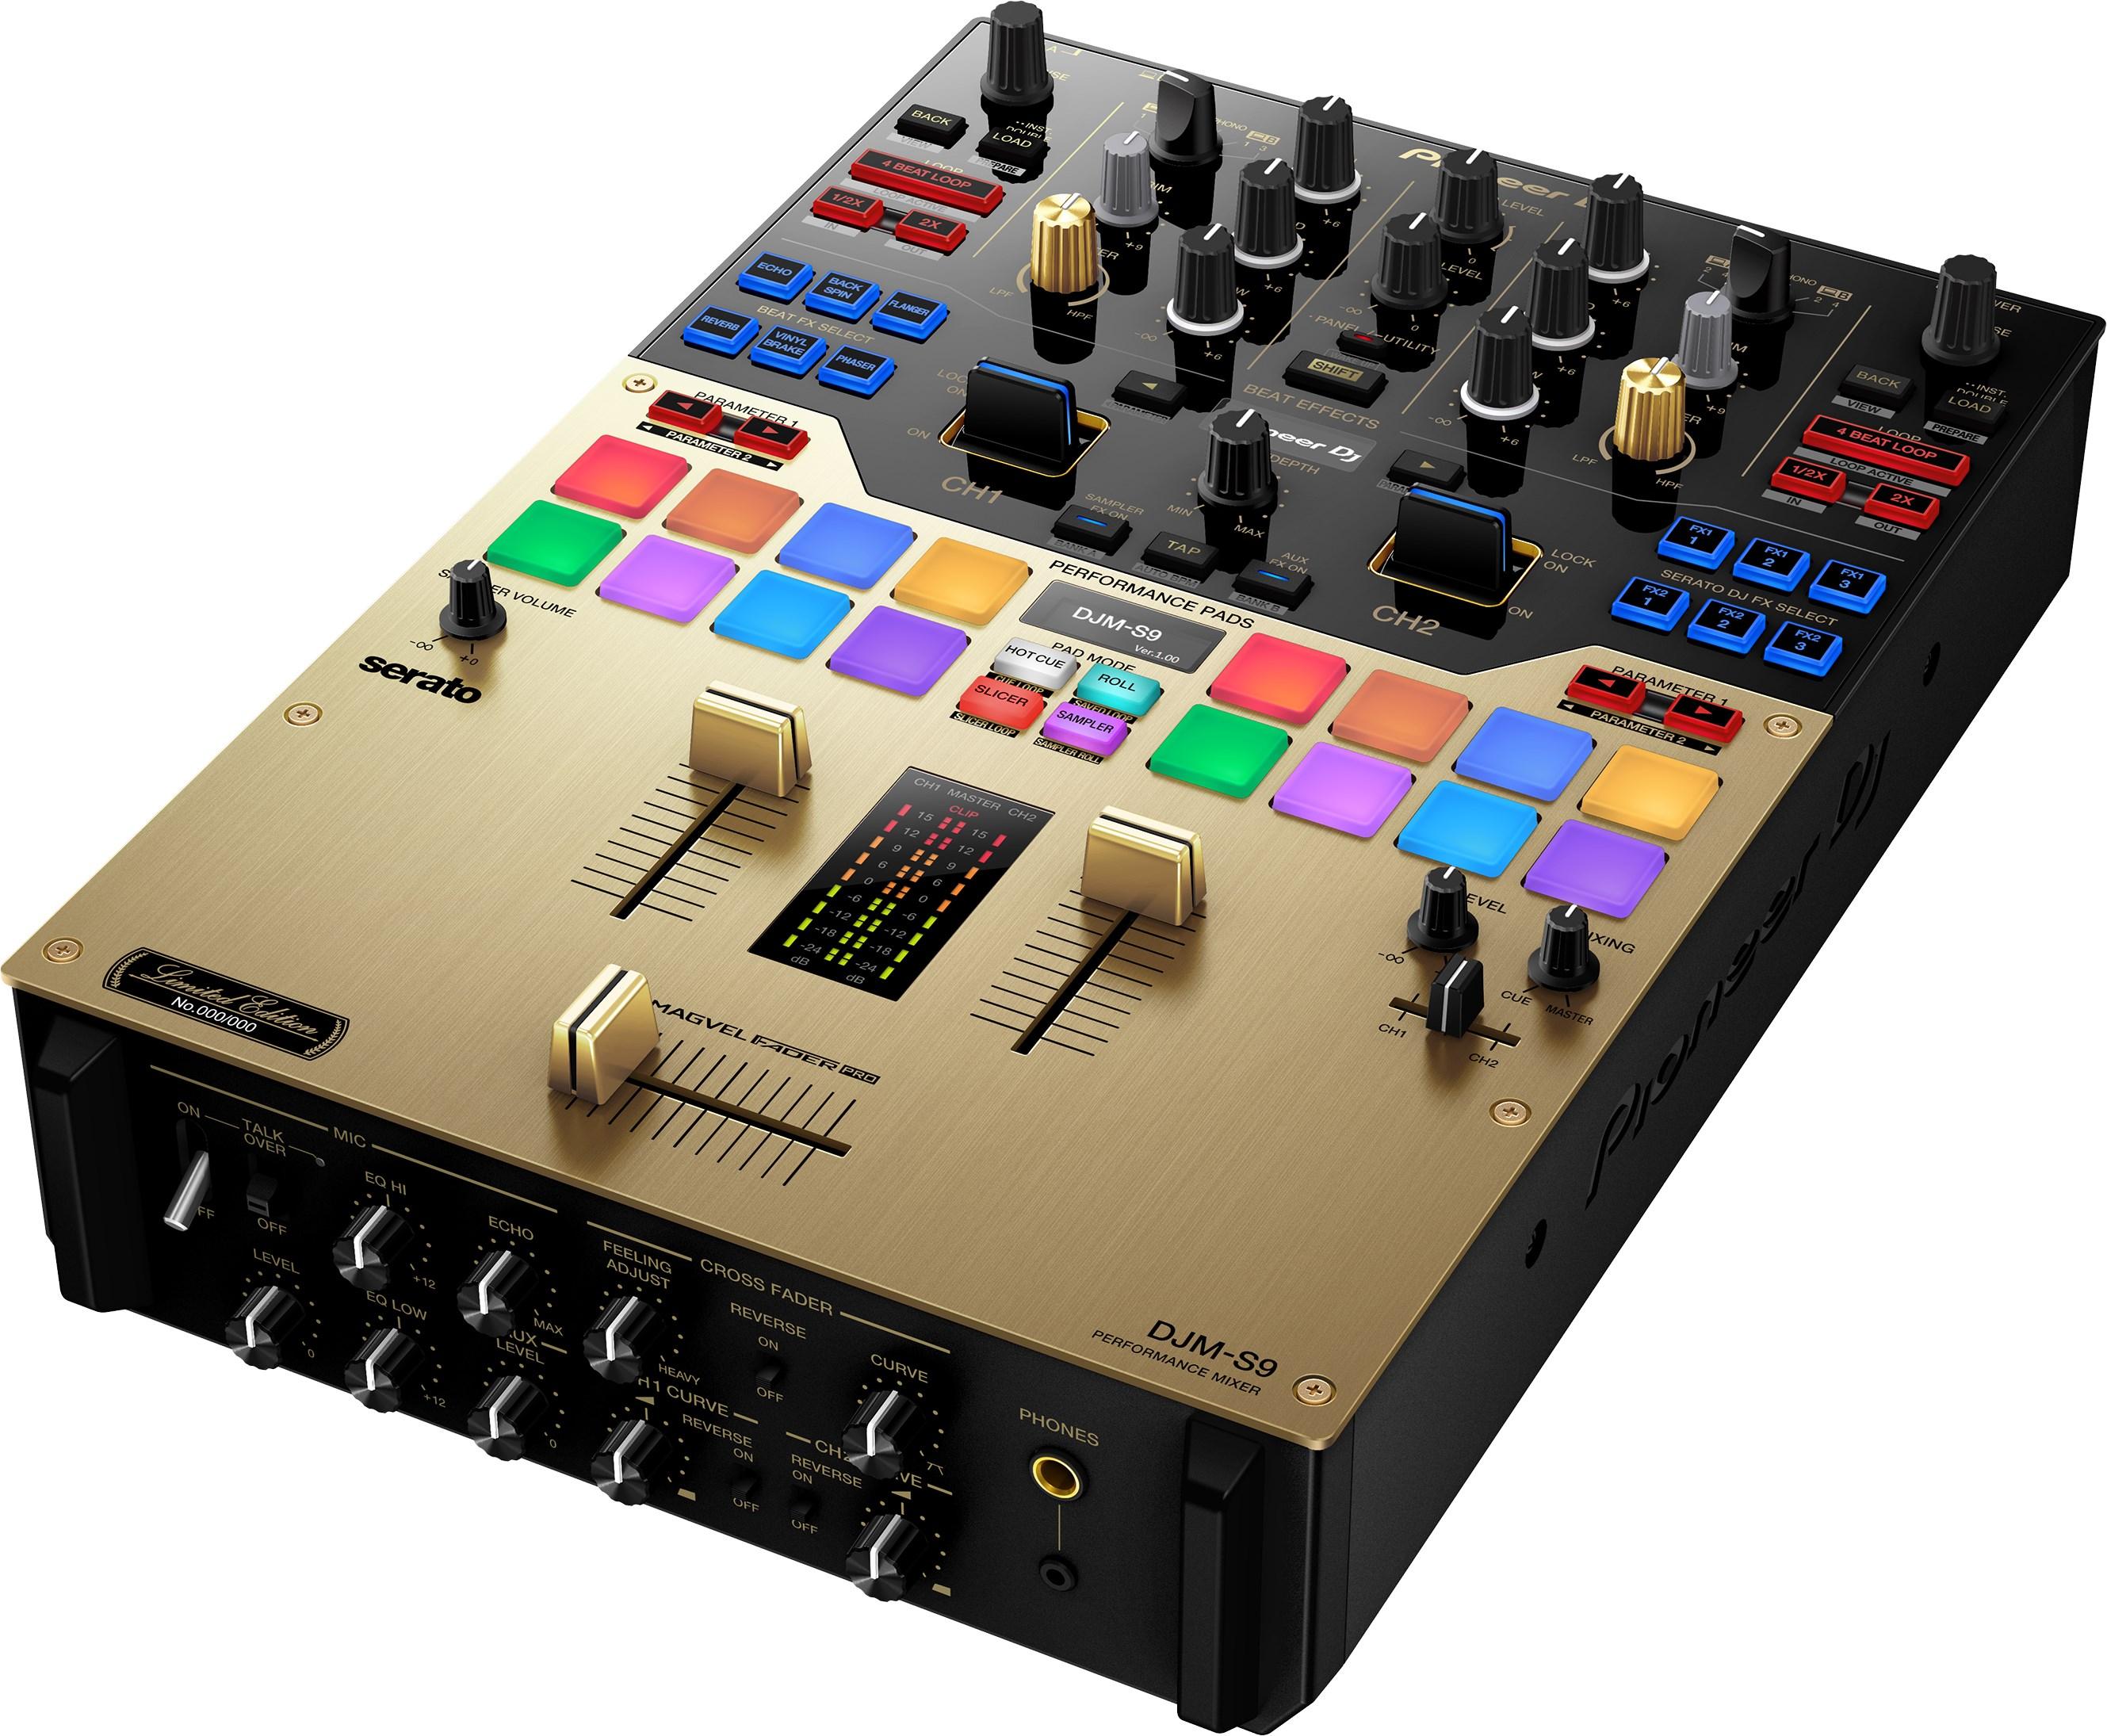 DJM-S9-N angle